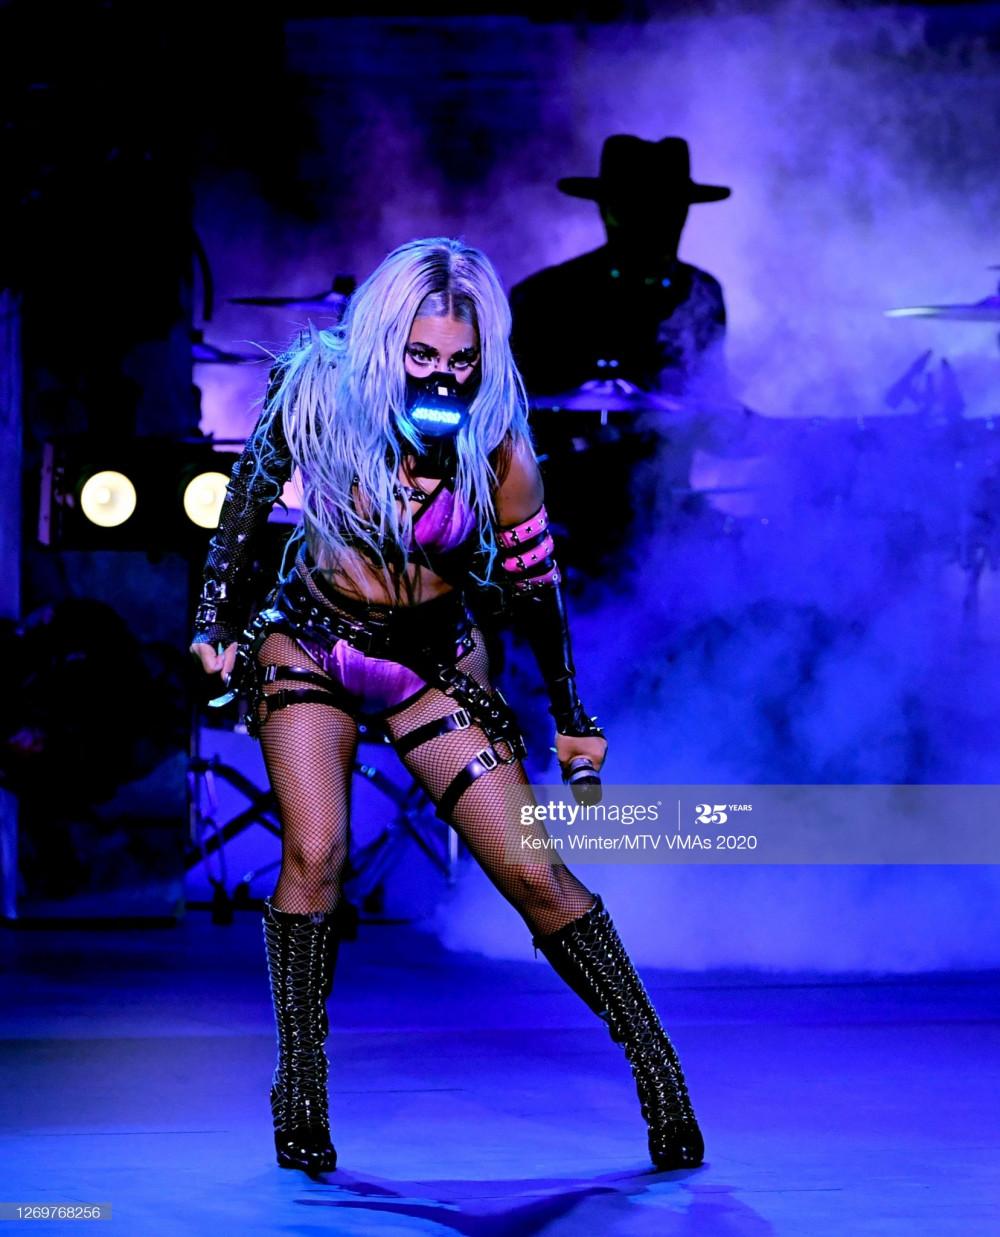 Lady Gaga còn đầu tư thêm chiếc khẩu trang không đụng hàng khác để diện trong phần trình diễn tại lễ trao giải.